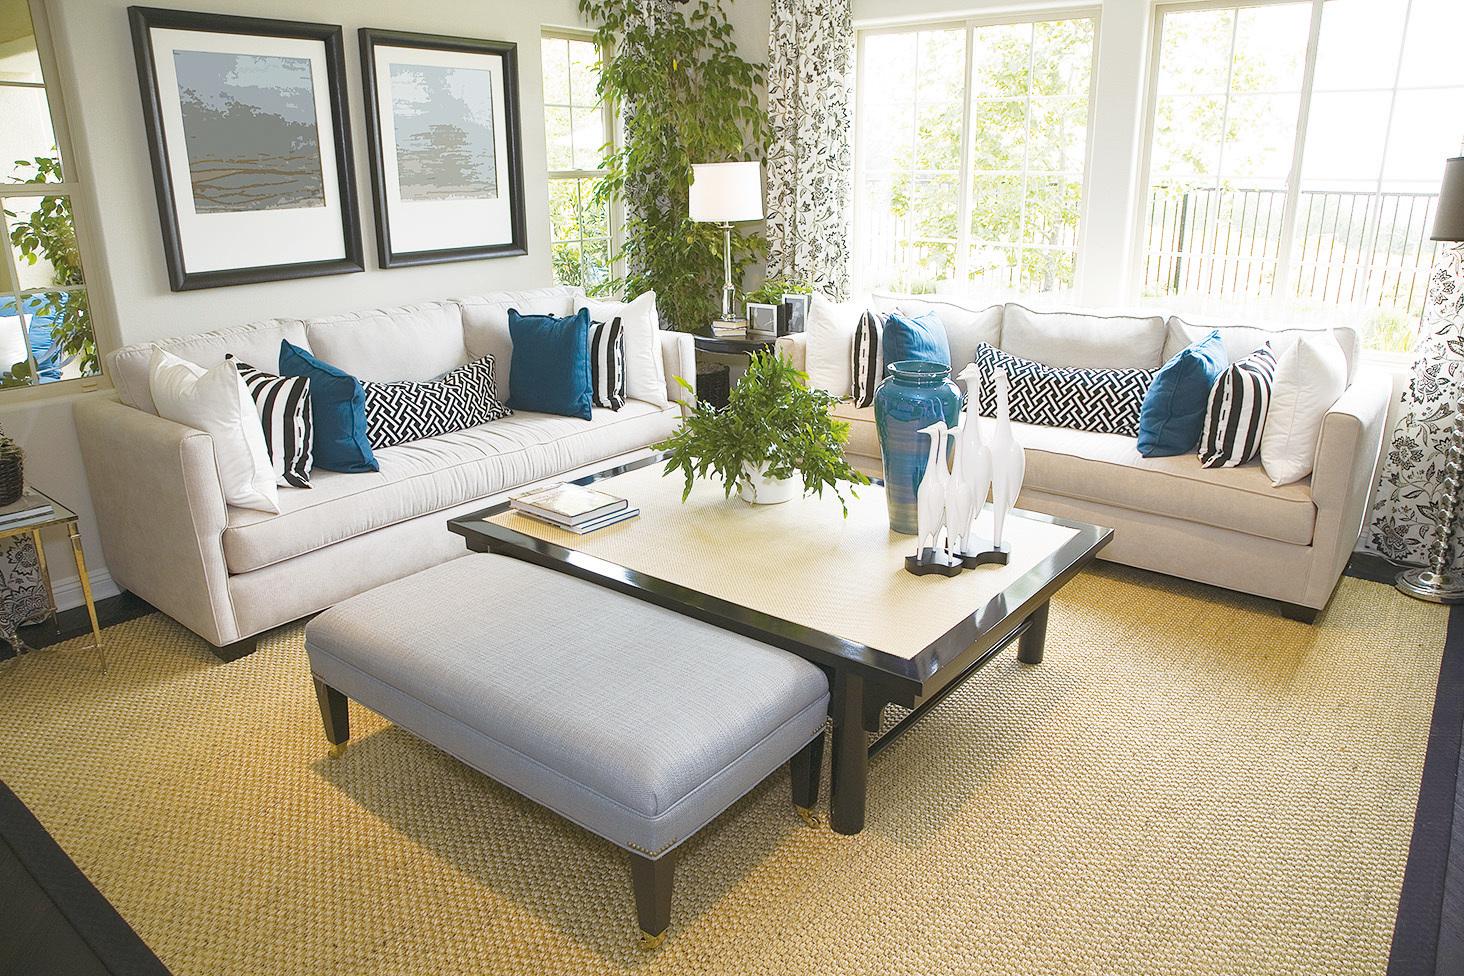 精心設計和打造的家,會提升你的生活質素。(Fotolia)